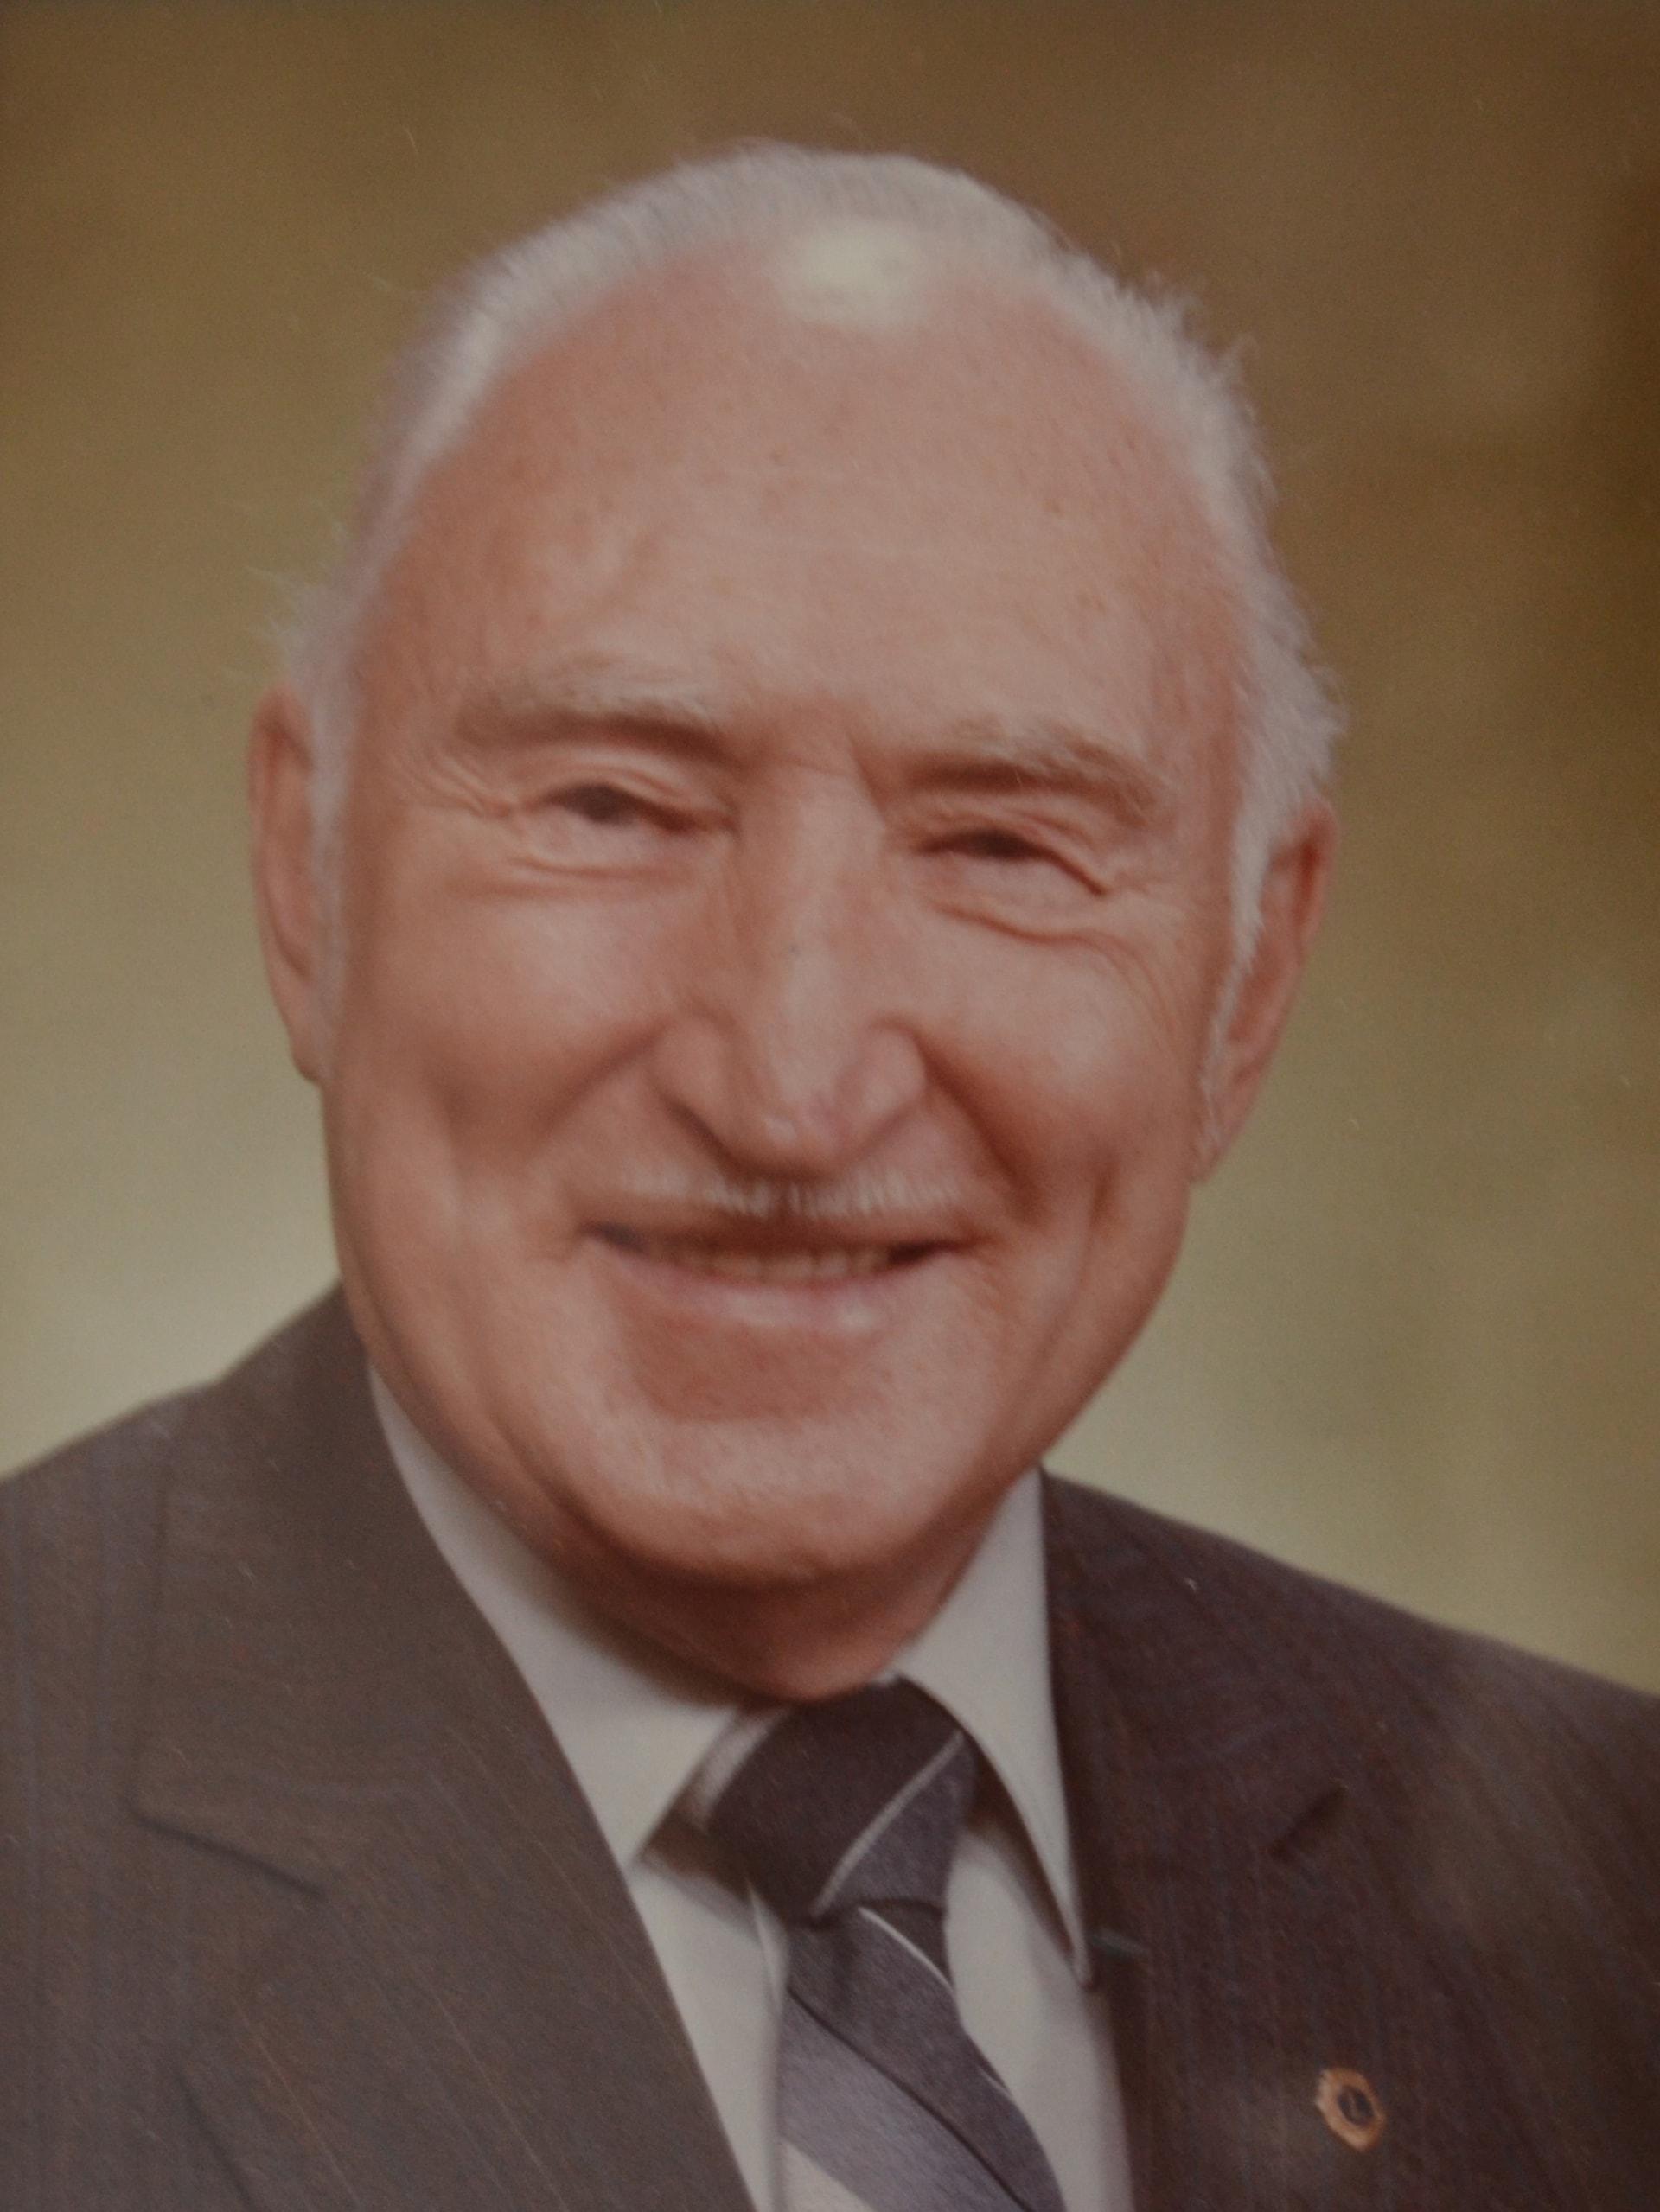 1978-Douglas-Wilson-1978-1979.1-w1920.jpg